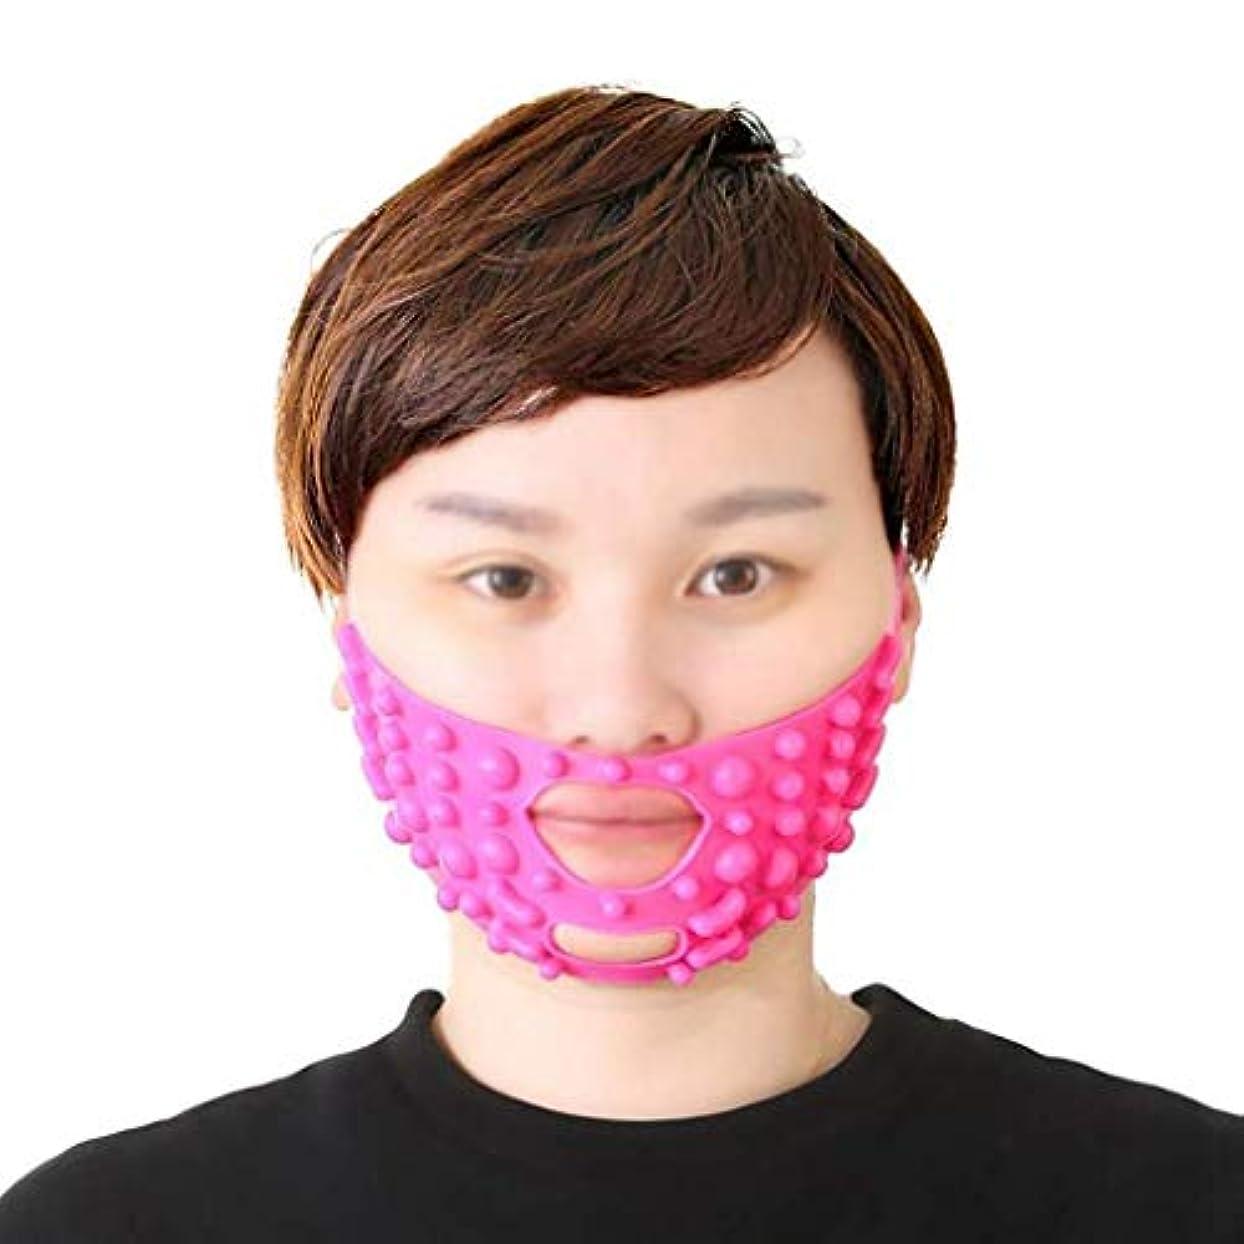 医薬第二破壊フェイスリフトマスク、チンストラップシリコーンVフェイスマスクフェイスマスク強力な包帯V顔アーティファクトスモールV顔包帯顔と首リフトピンクシリコーン包帯